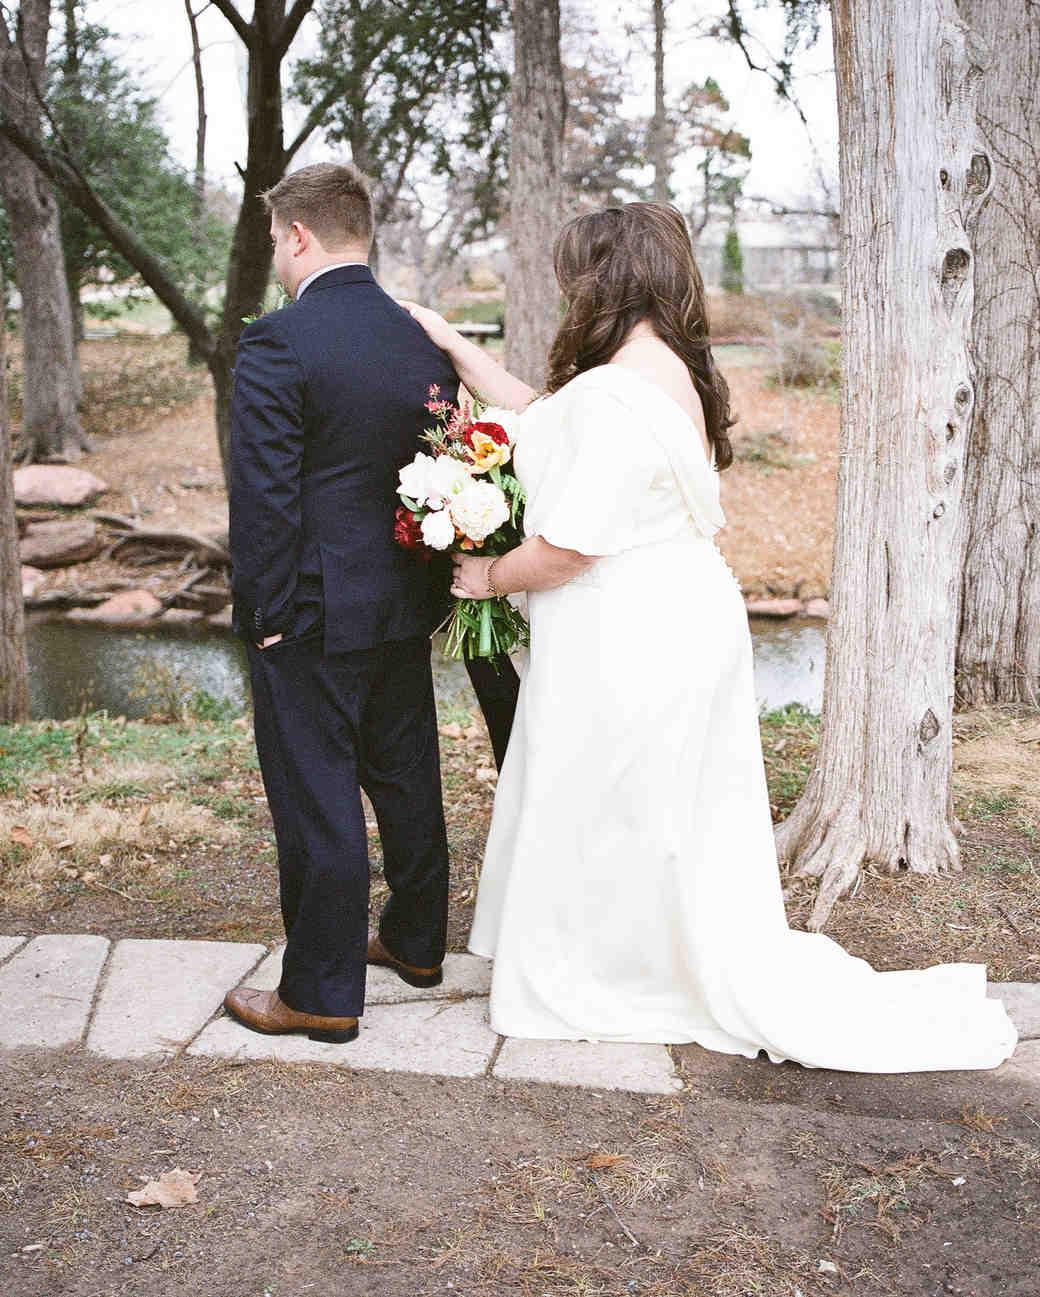 jessie-justin-wedding-firstlook-29-s112135-0915.jpg